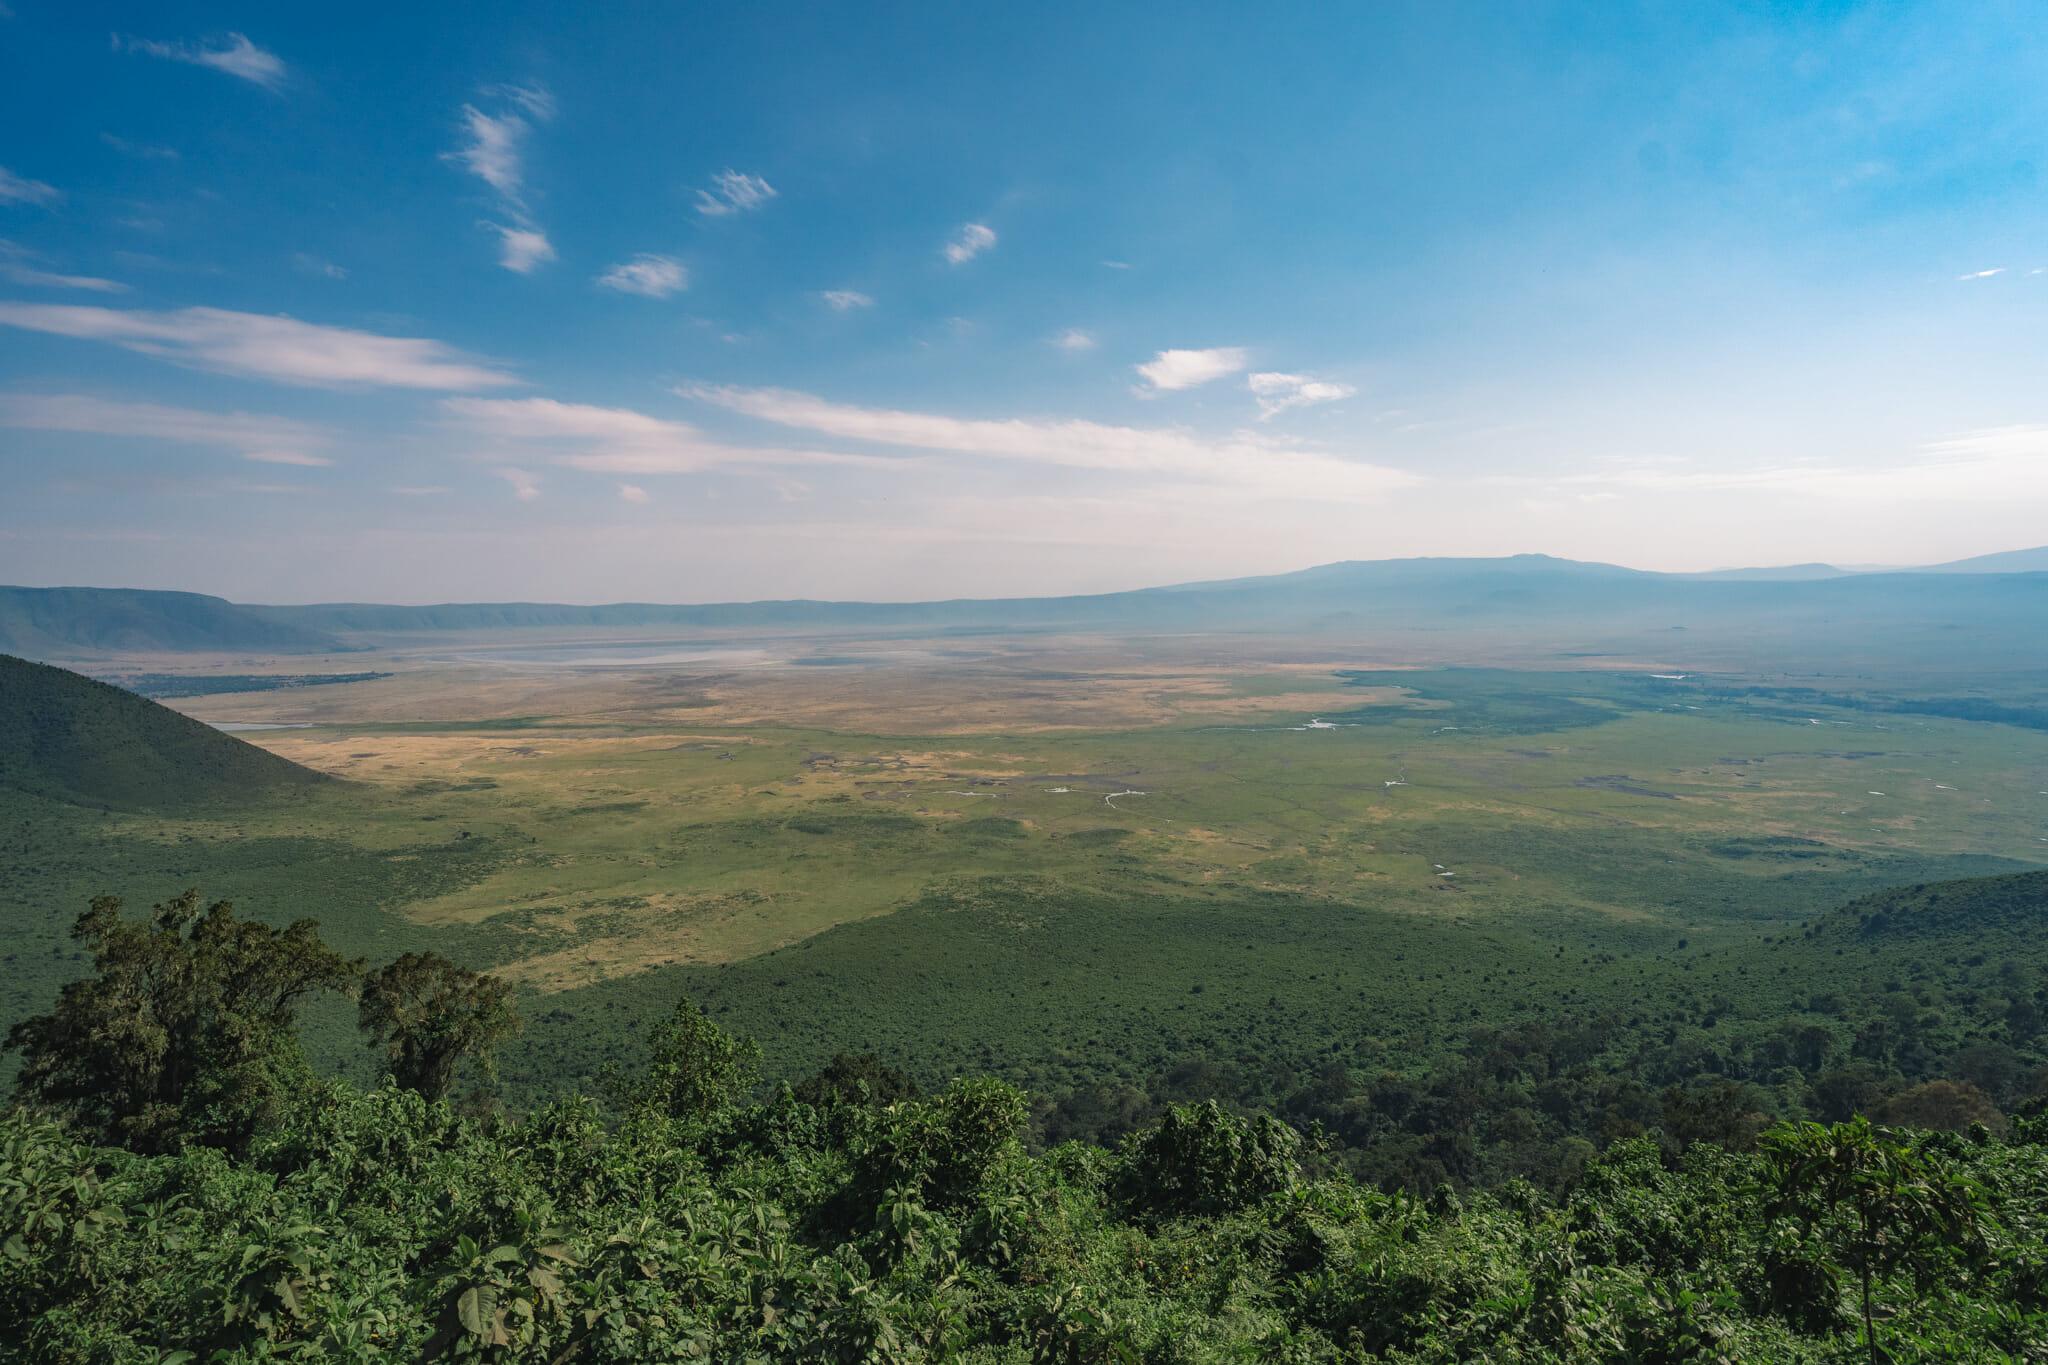 Vue sur le cratère du Ngorongoro en Tanzanie